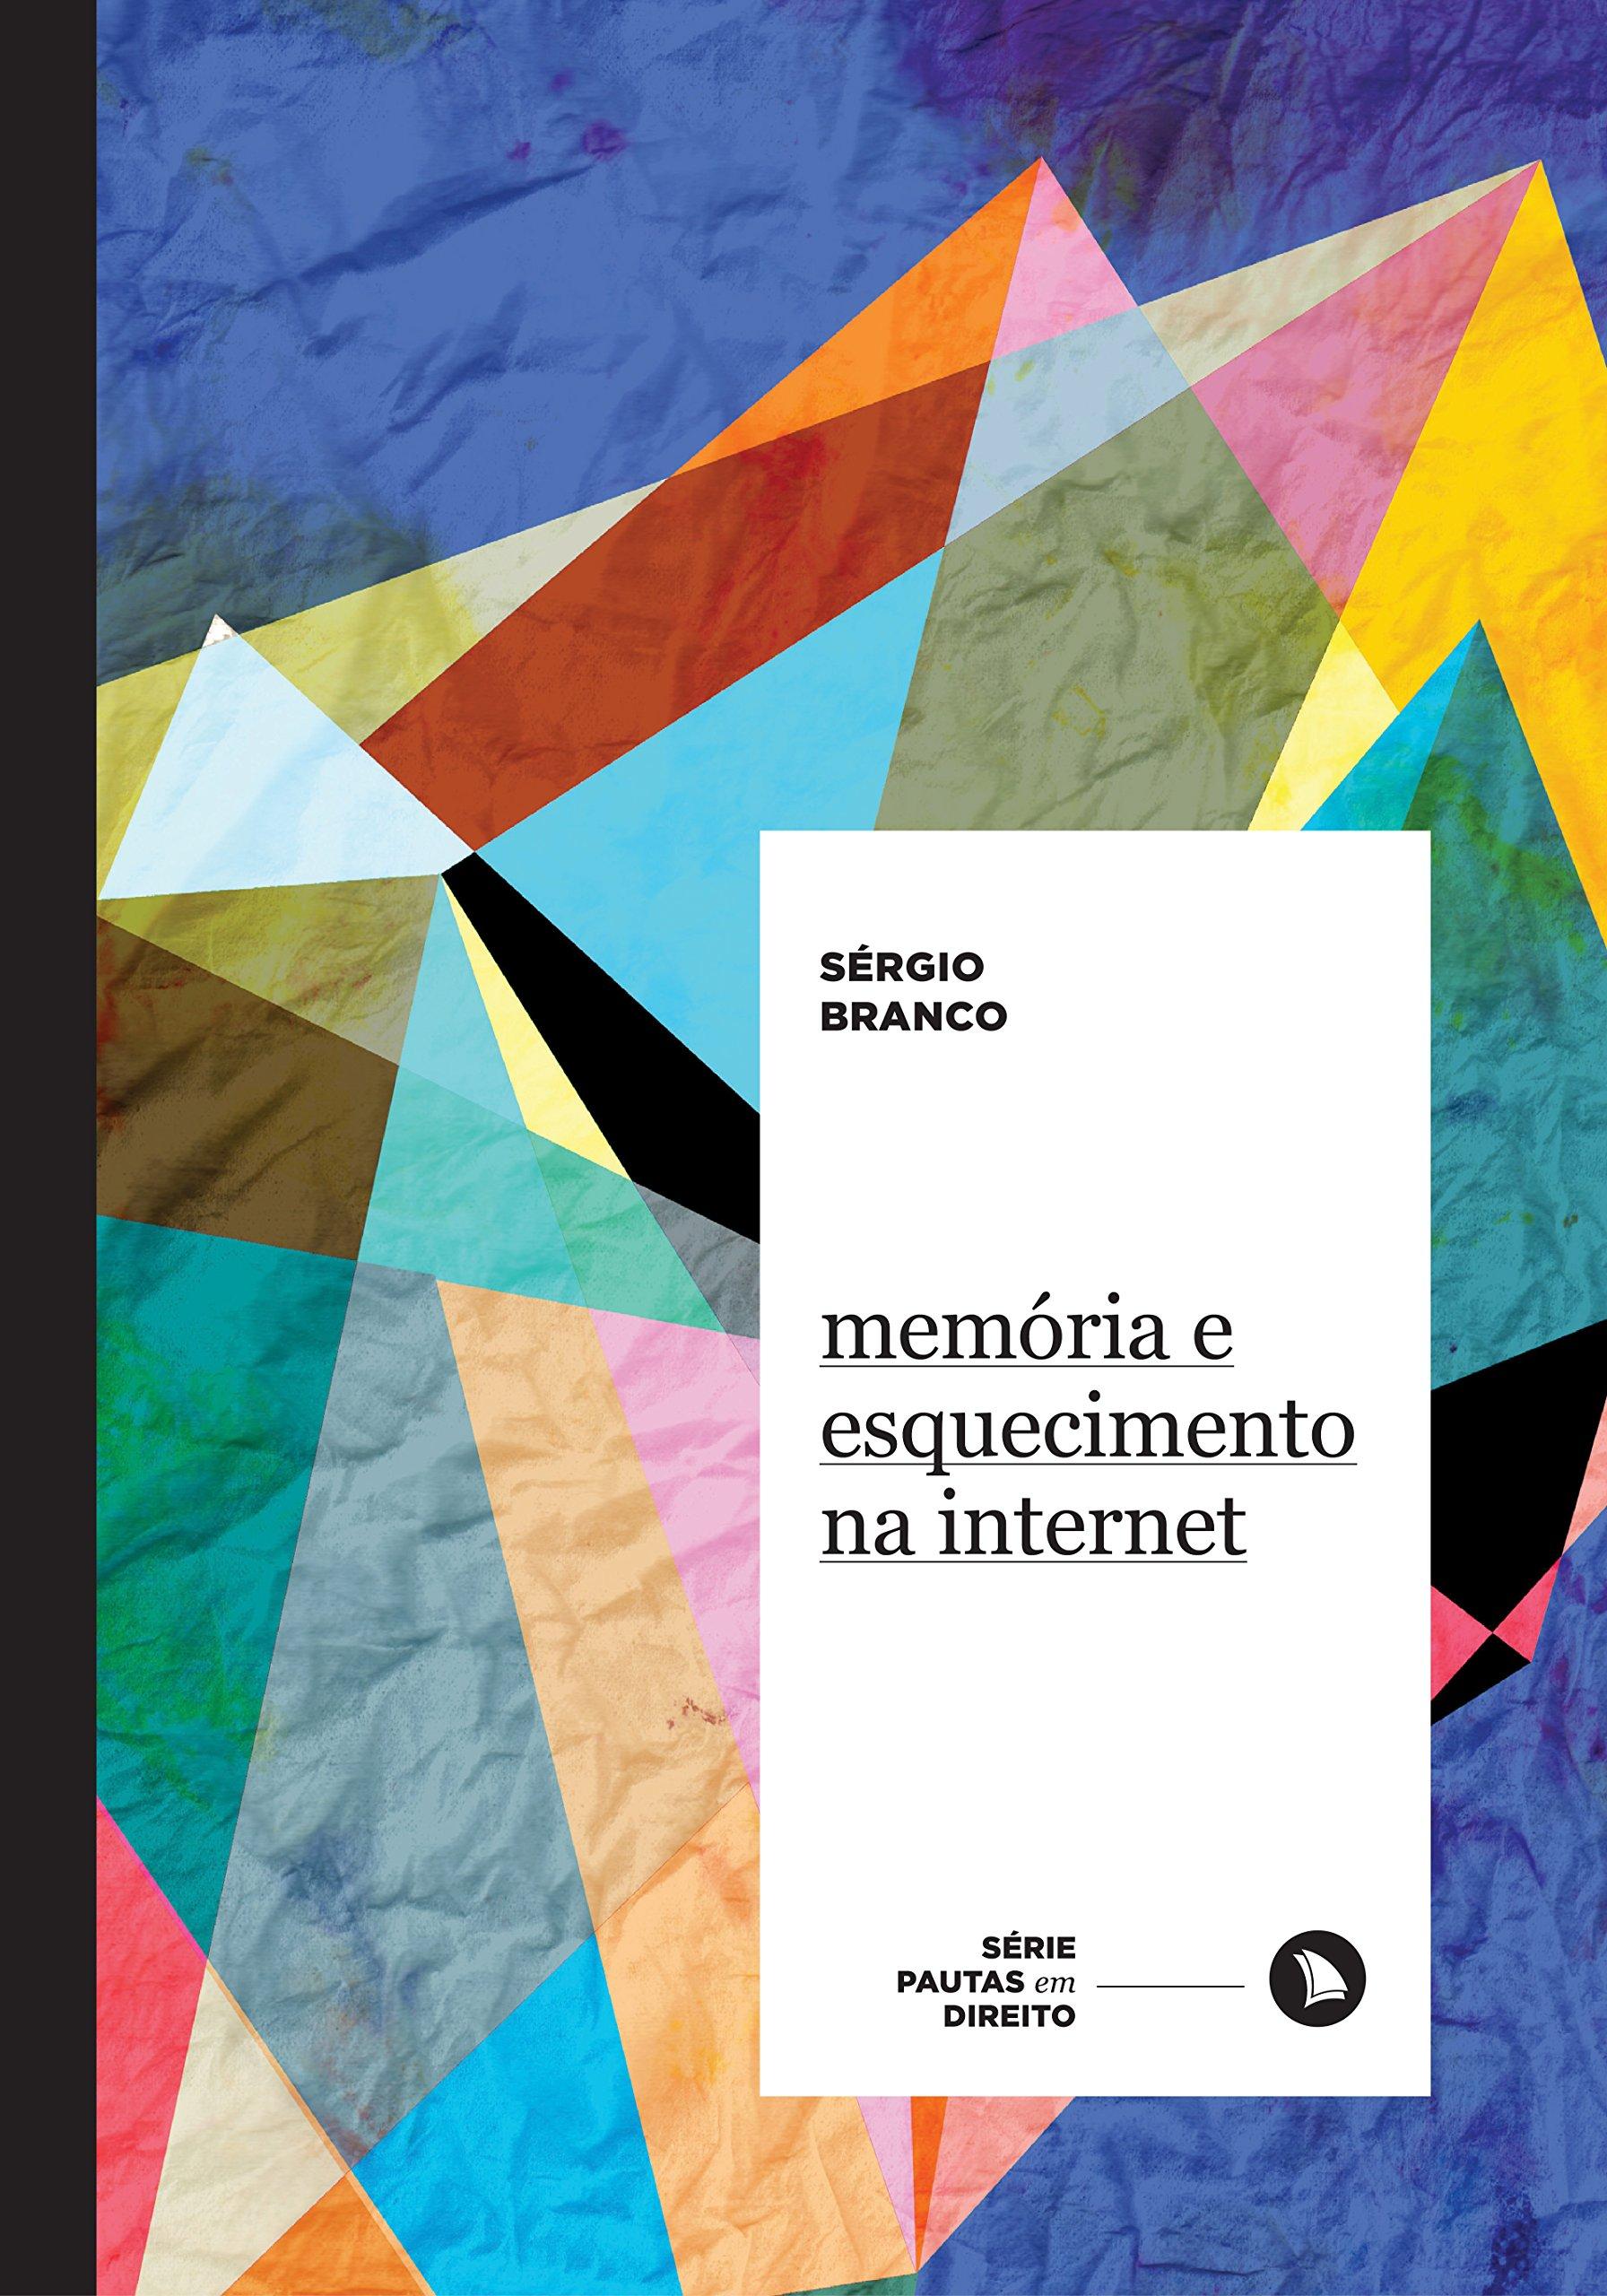 Memória e esquecimento na internet thumbnail